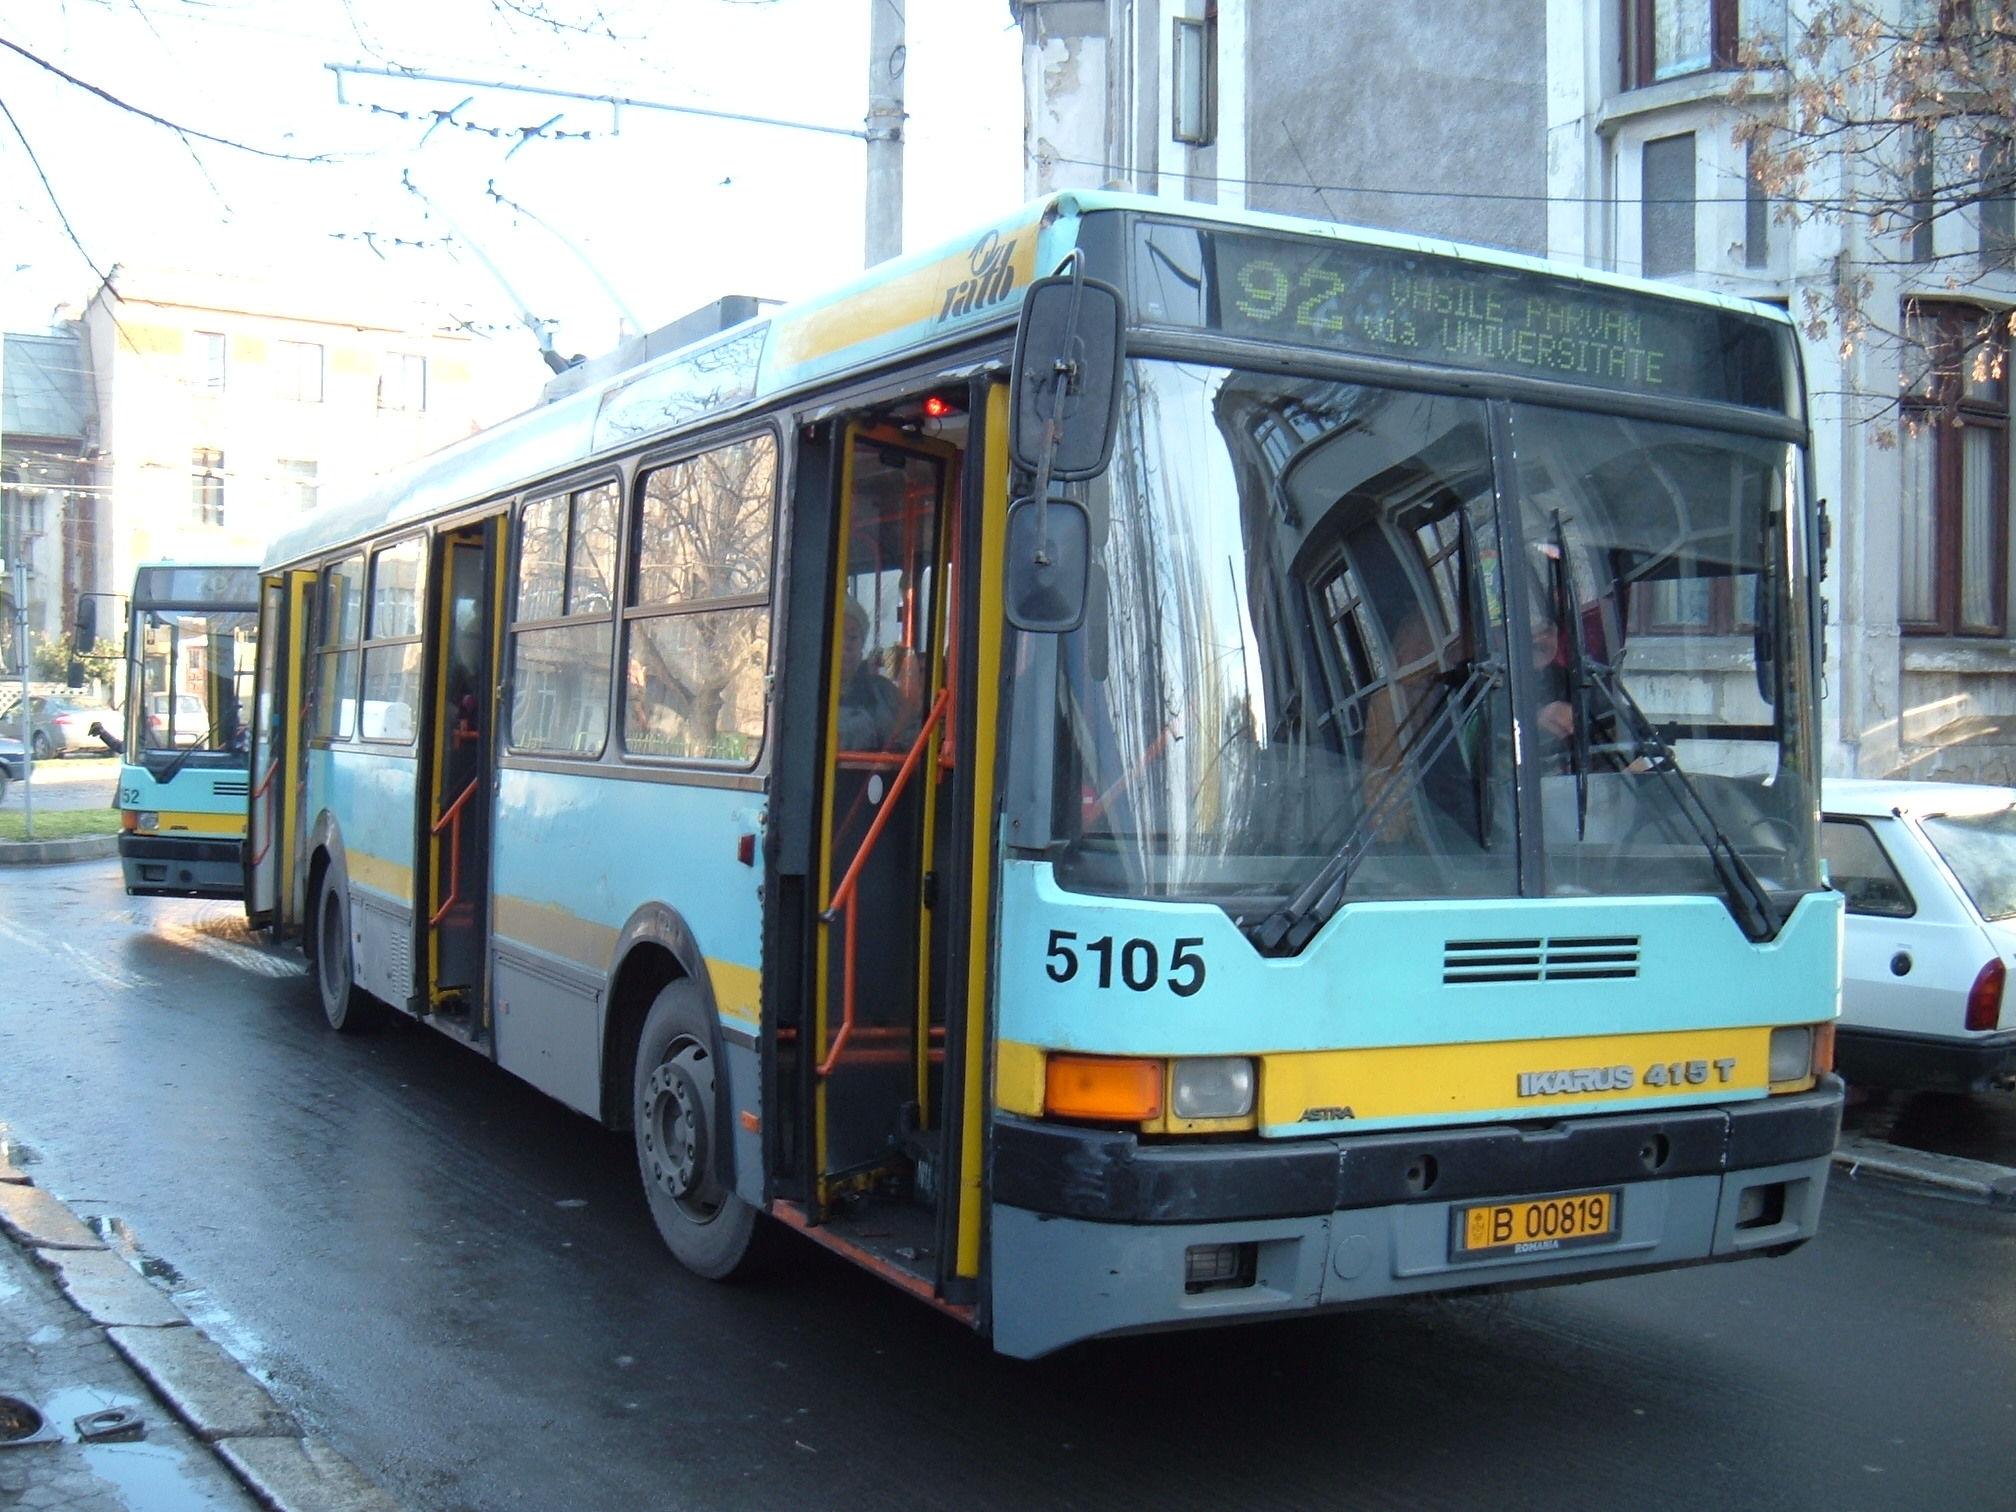 5105-92:1.jpg